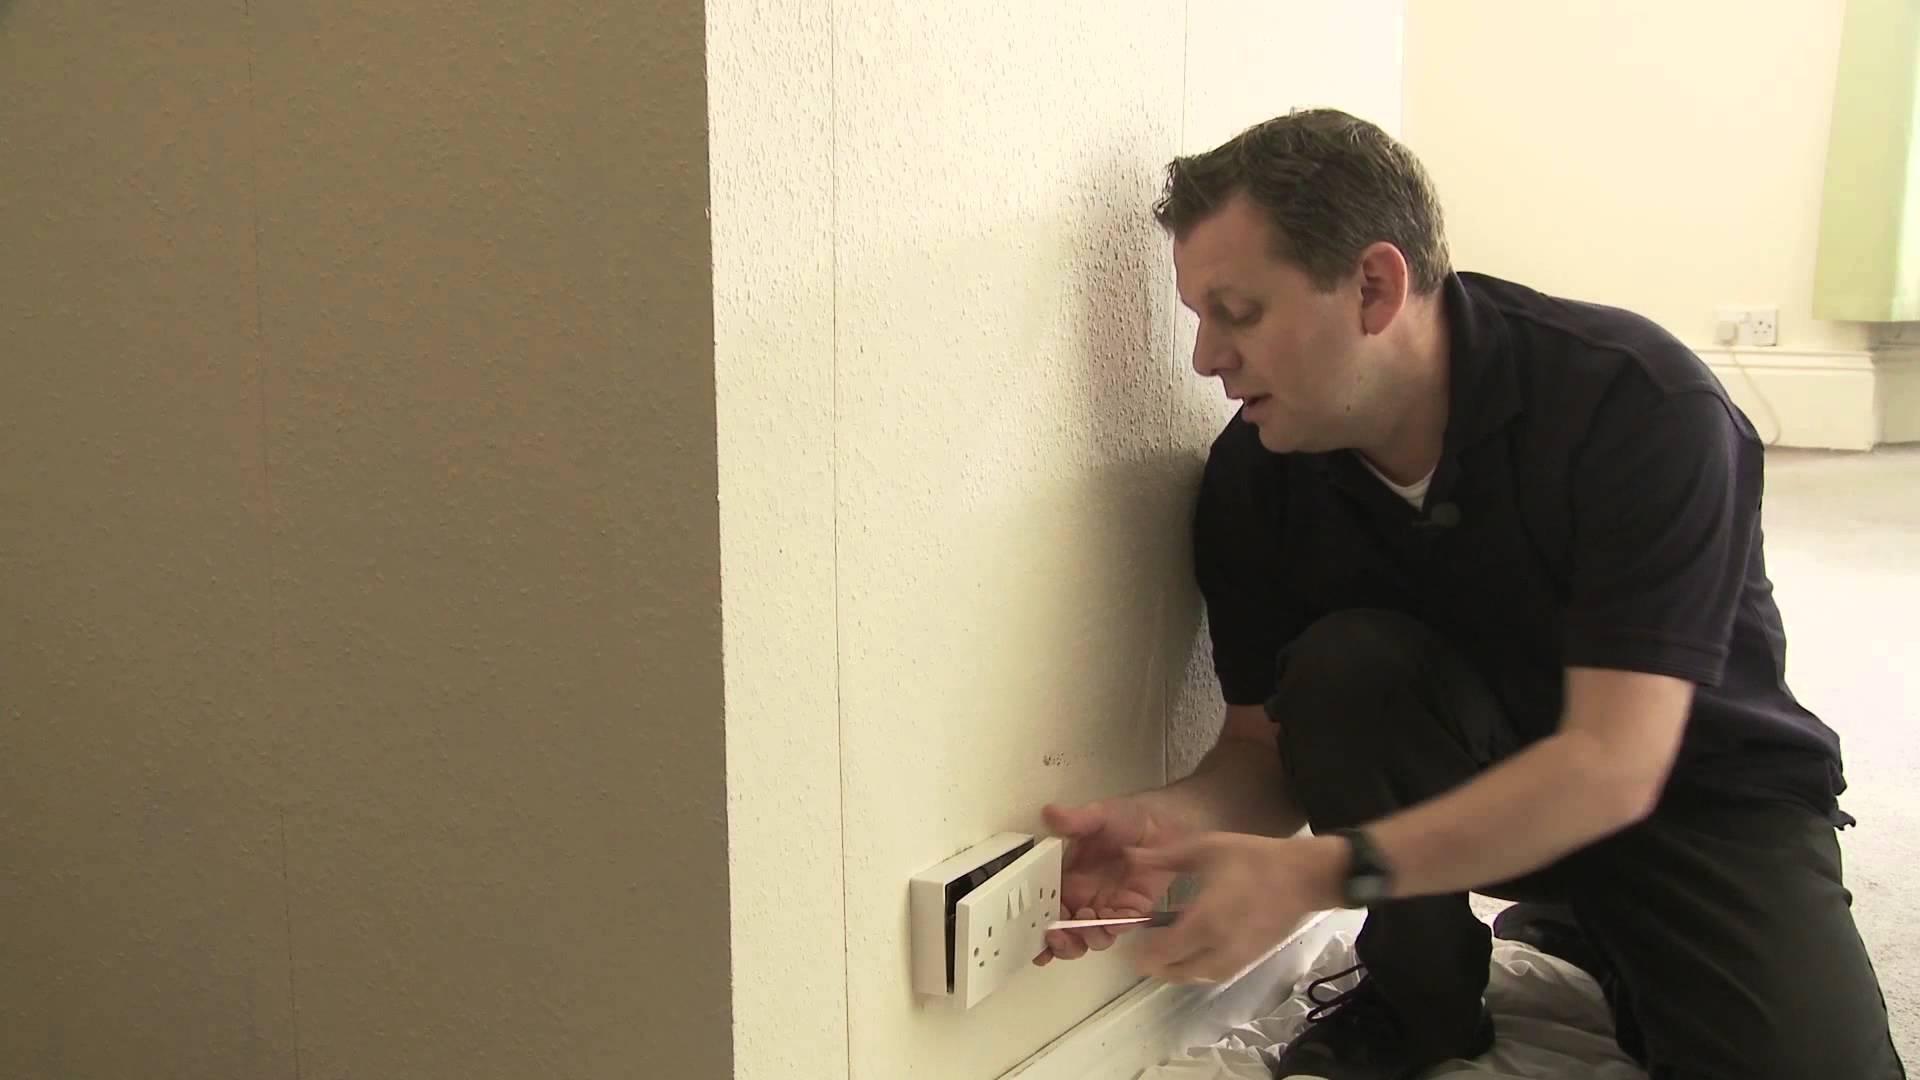 Покажувал како да замените штекер во домот, а потоа забил шрафцигер. Внимавајте што ќе му се случи на 0:17 секунда